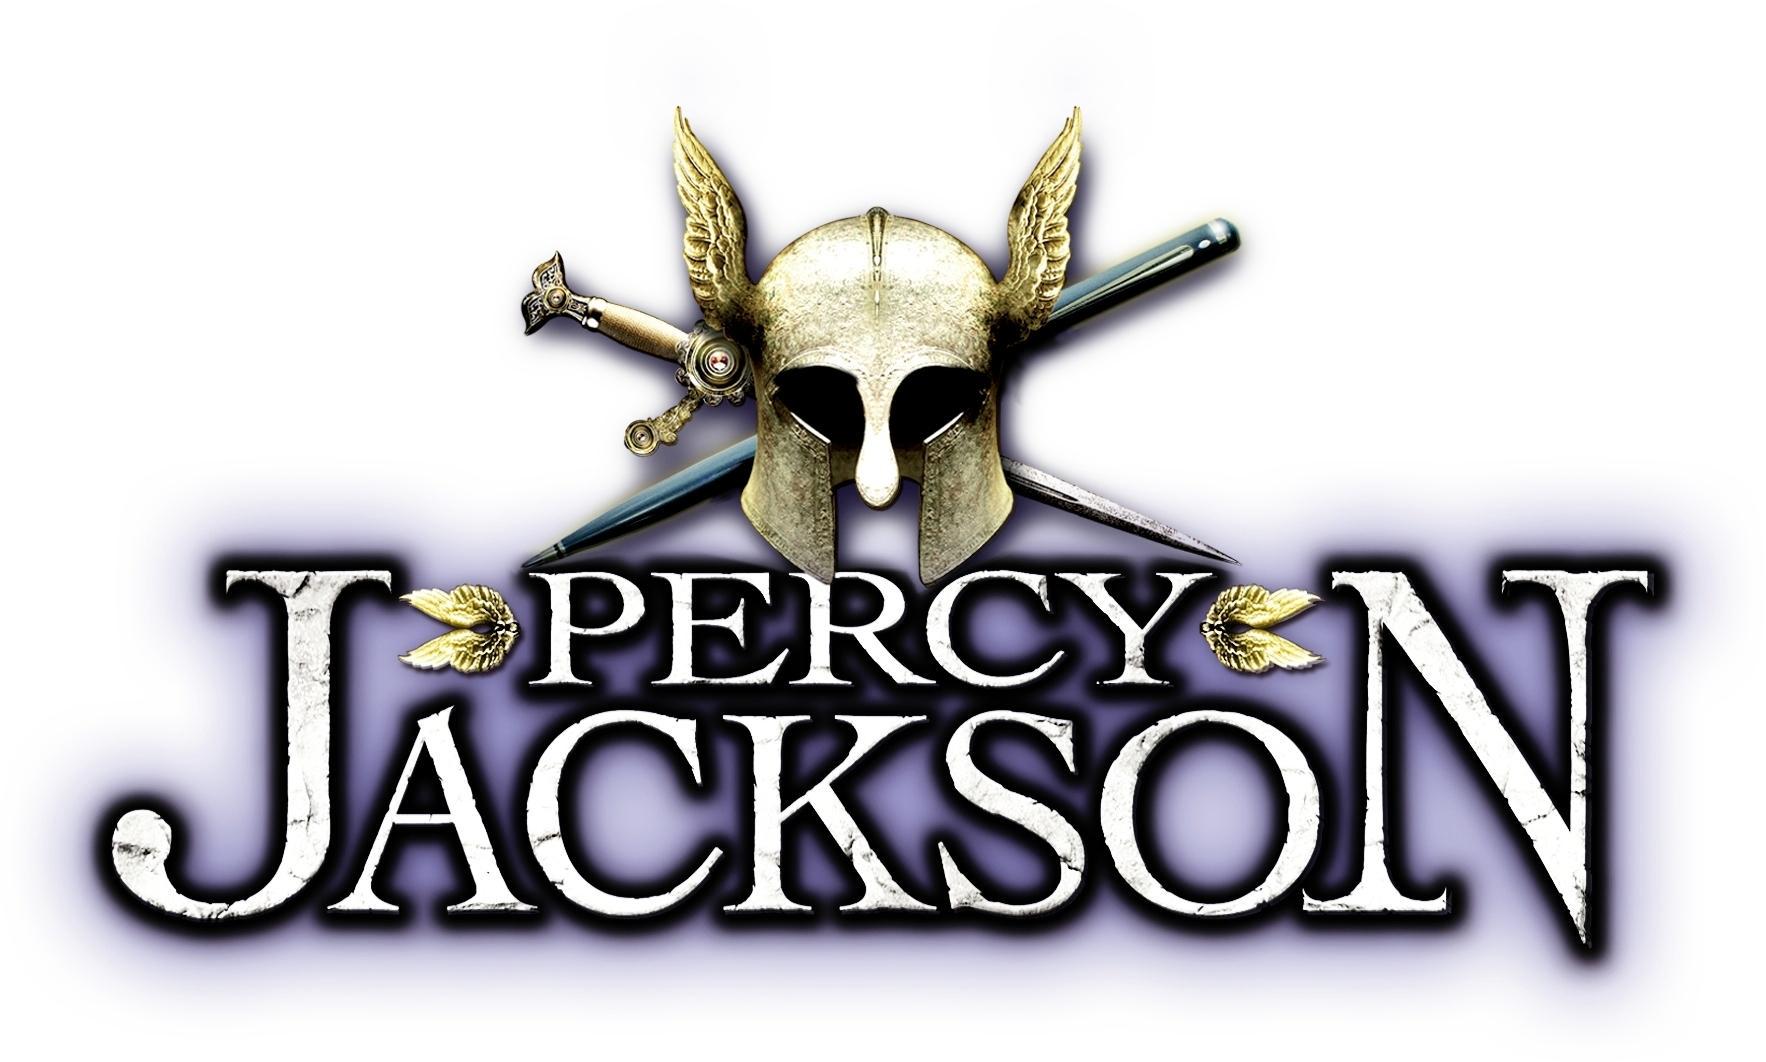 percy jackson percy jackson amp the olympians books photo